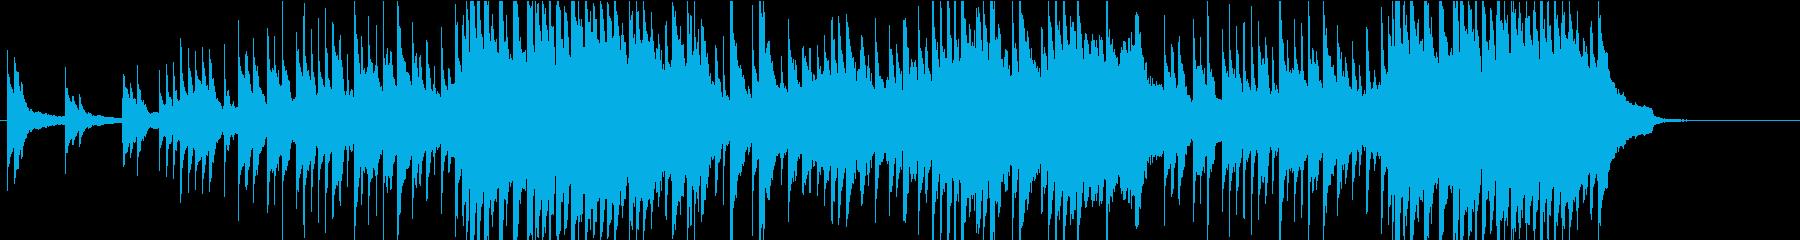 悲しげなピアノソロの再生済みの波形